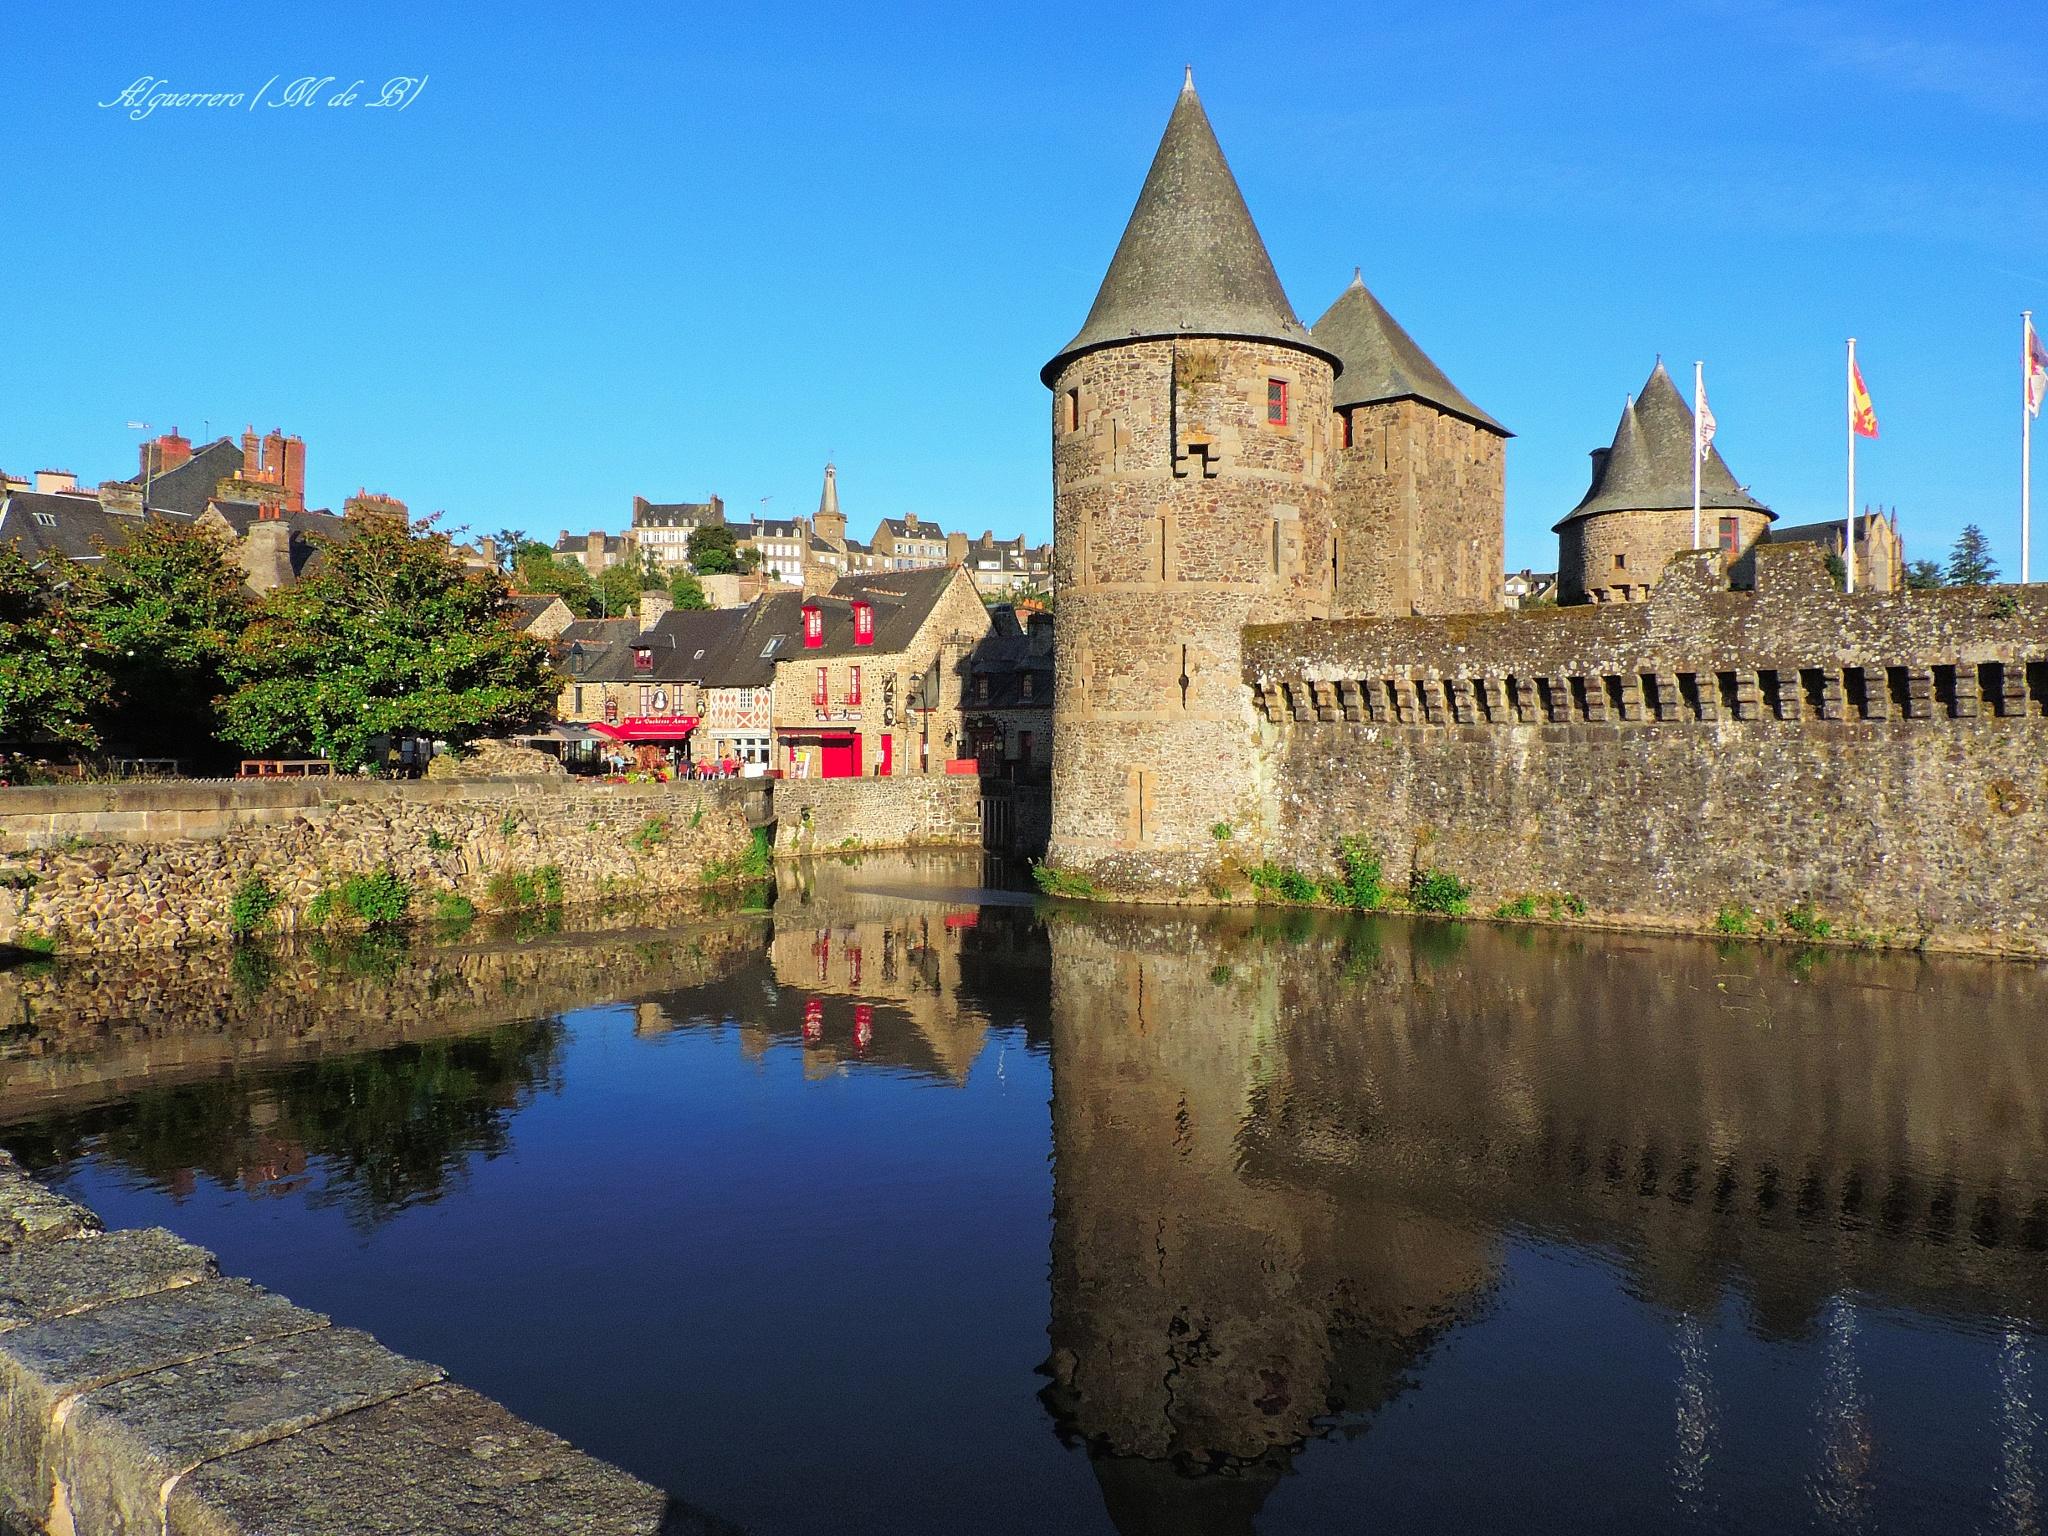 Castillo medieval. (Medieval Castle) by Angel L. Guerrero.